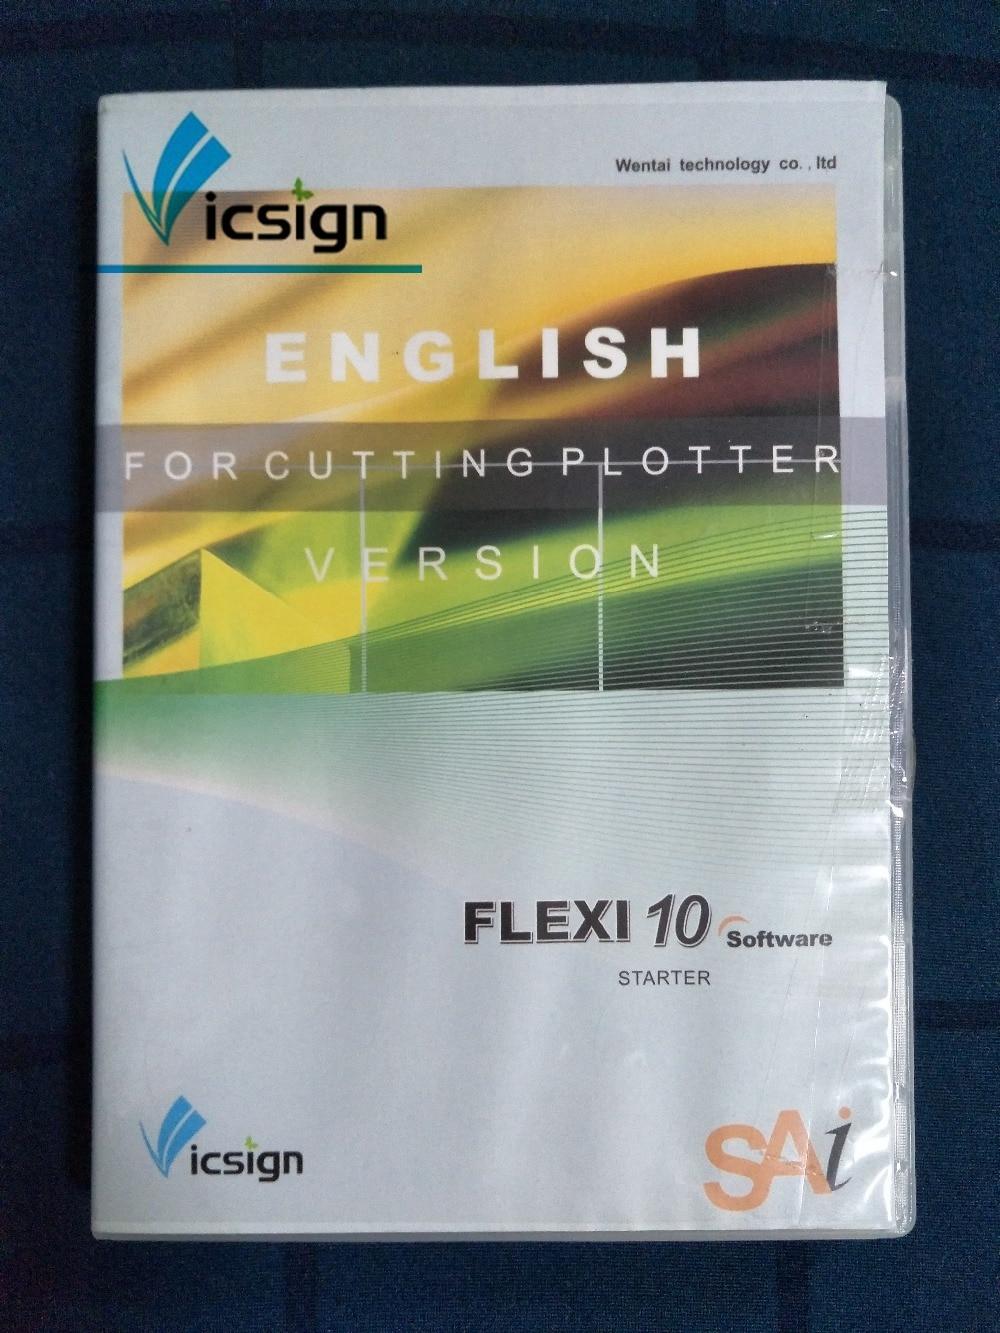 Vicsign חיתוך קושרים תוכנת Flexi 10